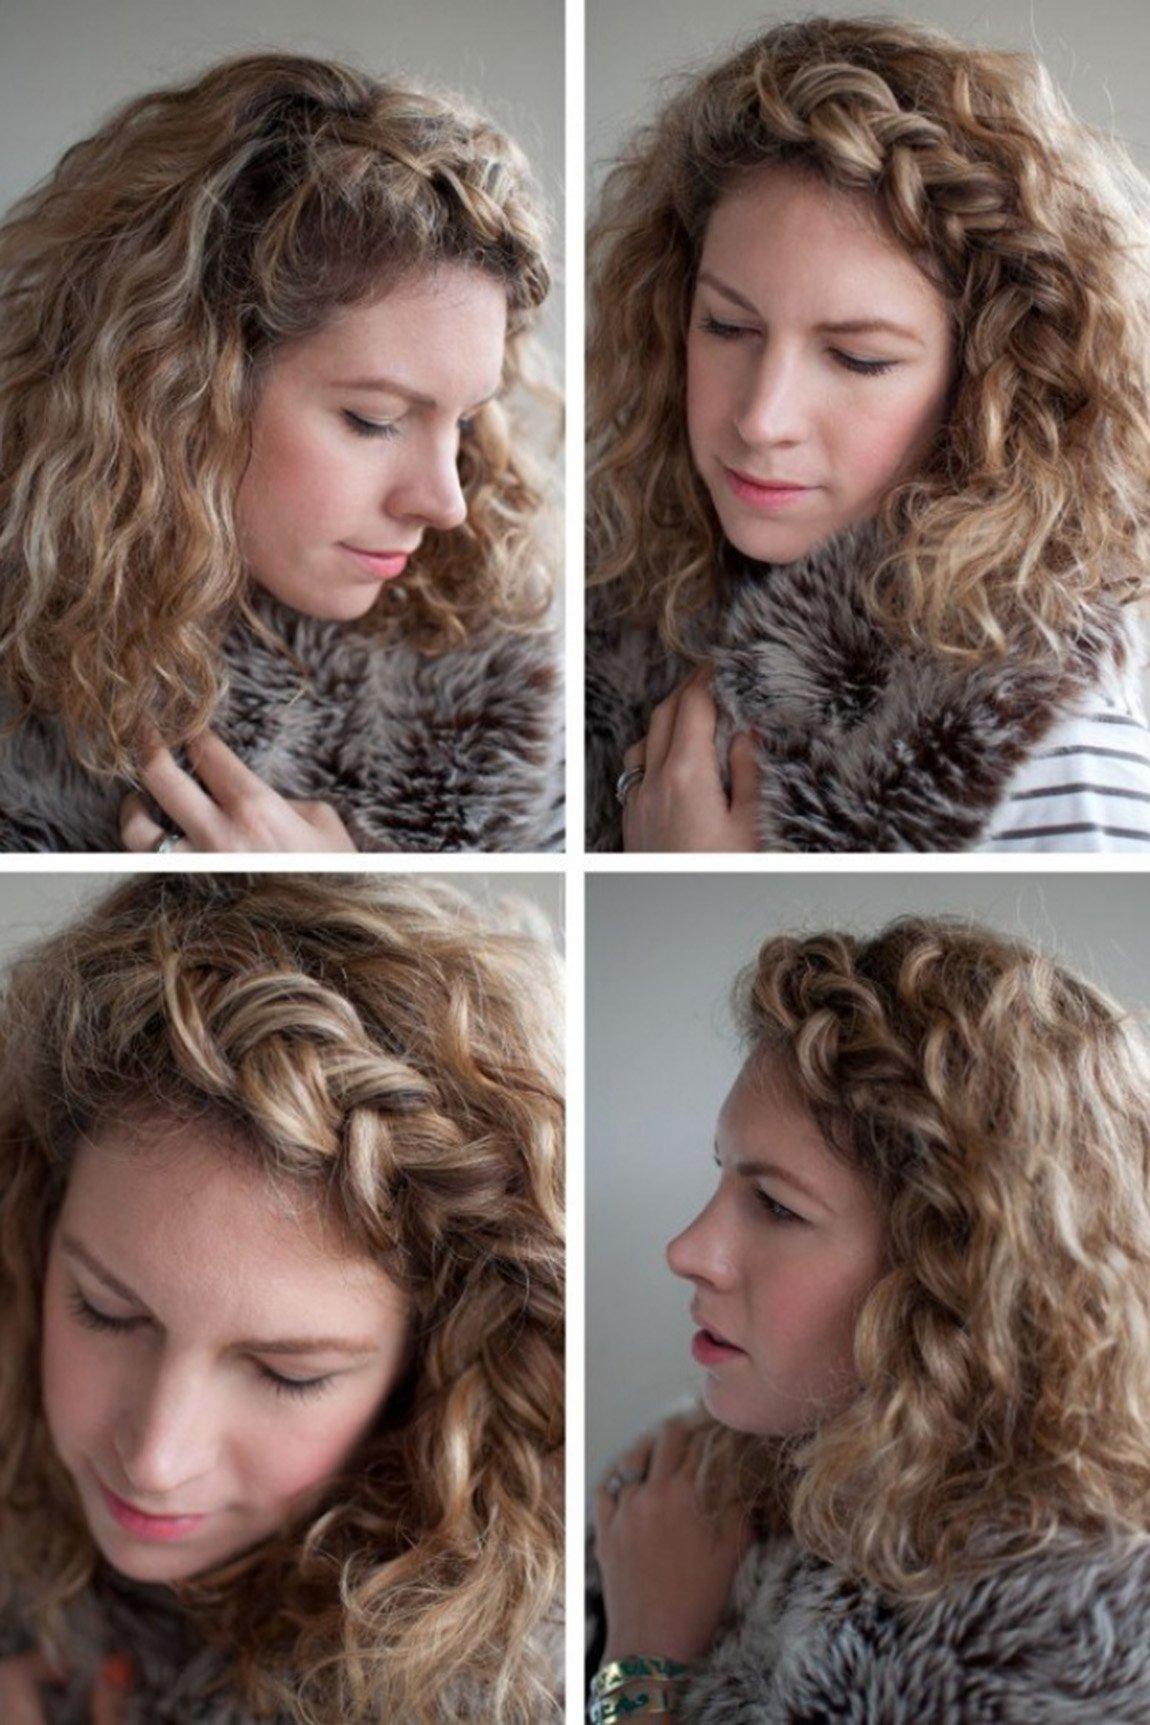 Hermoso peinados faciles pelo rizado Colección de cortes de pelo estilo - 15 Sencillos peinados para mantener tus rizos controlados